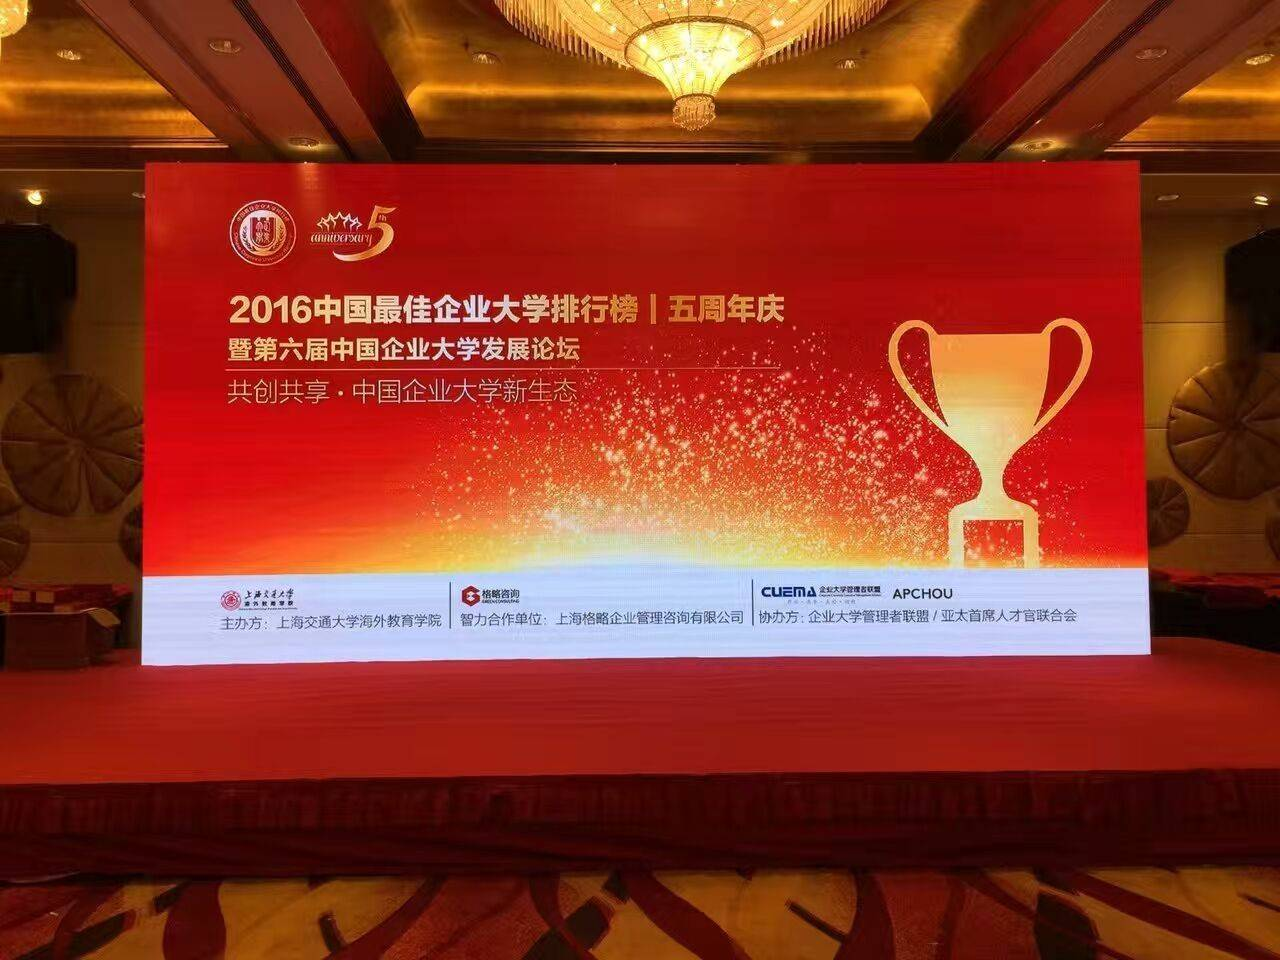 祝贺汇思合作伙伴:华兴商学院荣获中国企业大学界两项大奖 - 汇思软件 - 汇思e-Learning